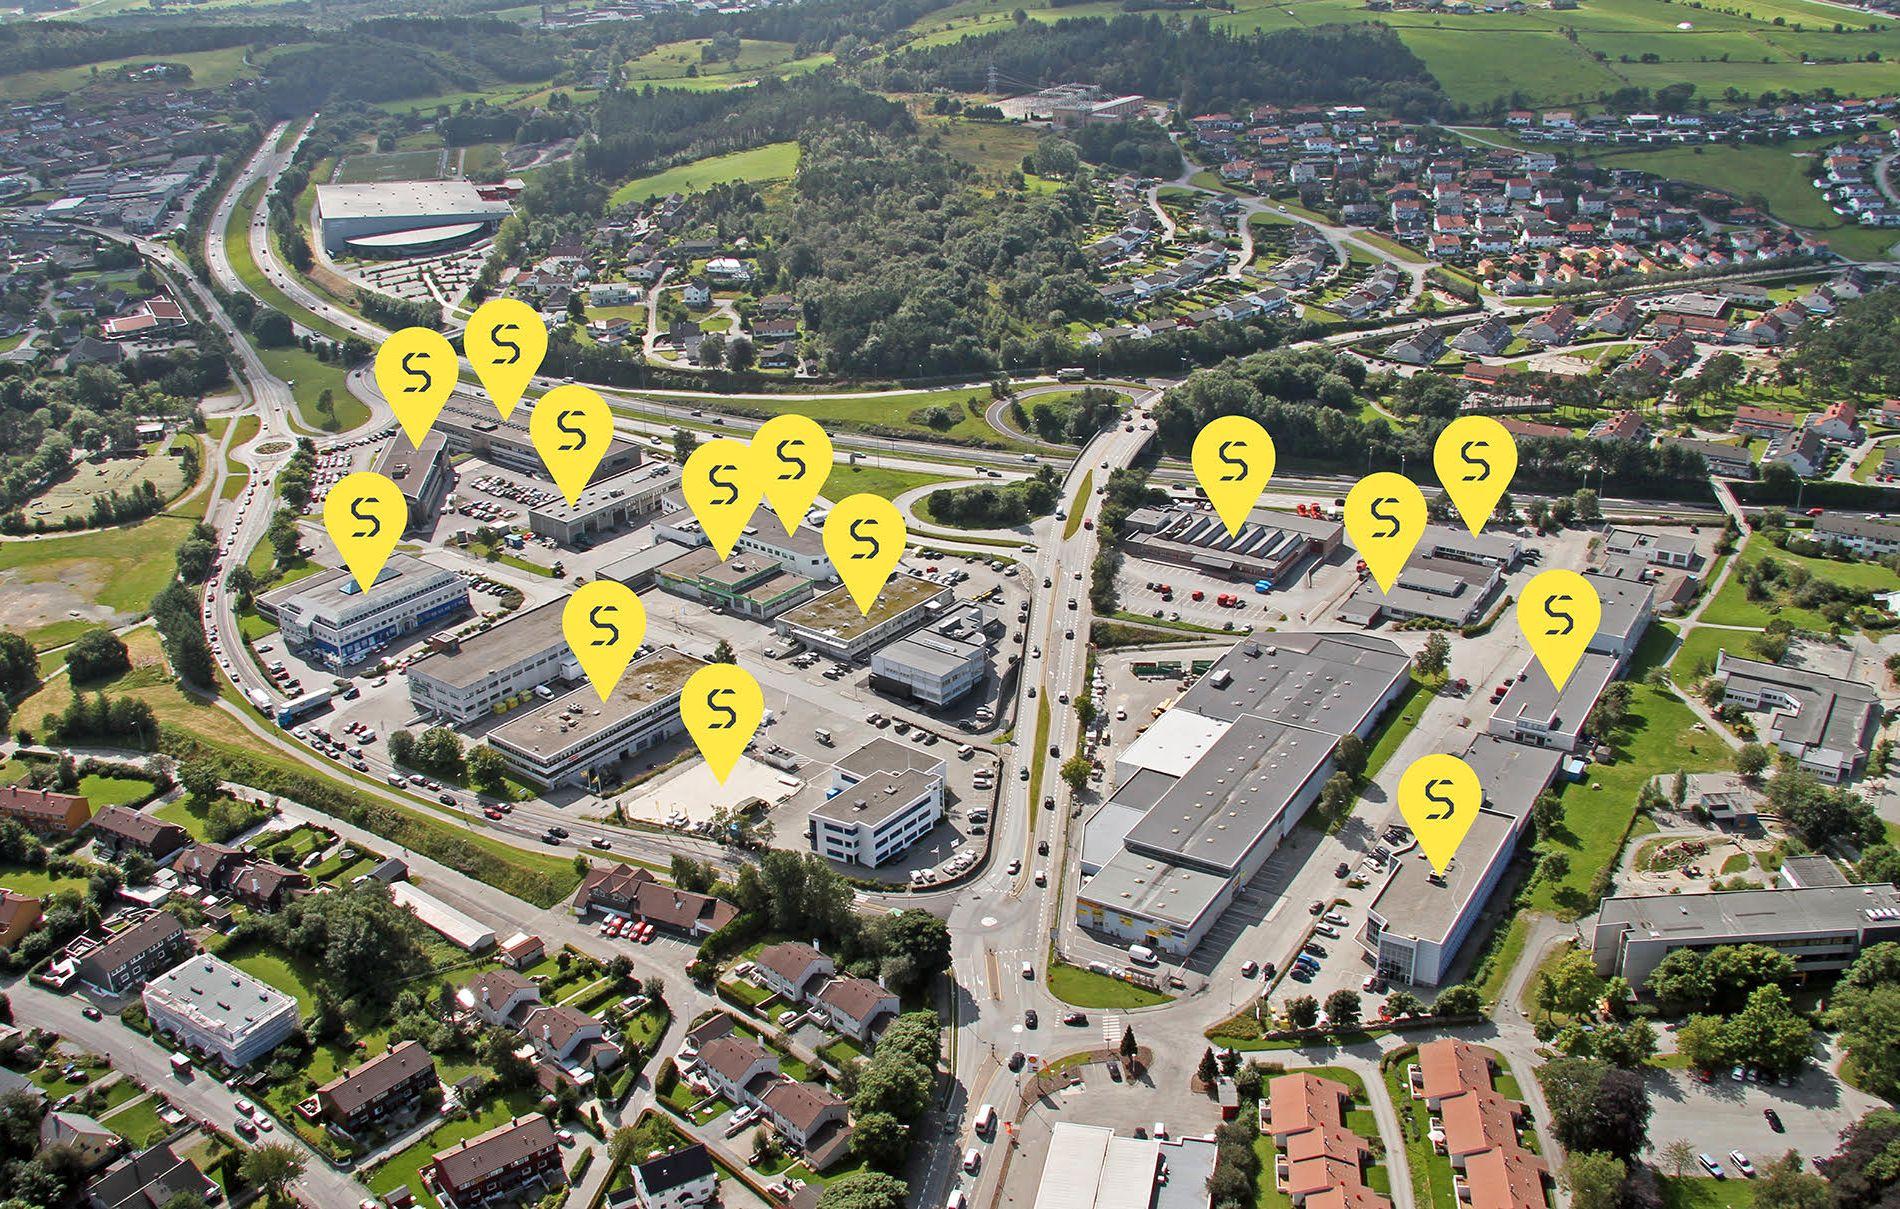 Smedvig har kjøpt «hele» Åsen - bruker 2,5 milliarder kroner på nytt  prosjekt